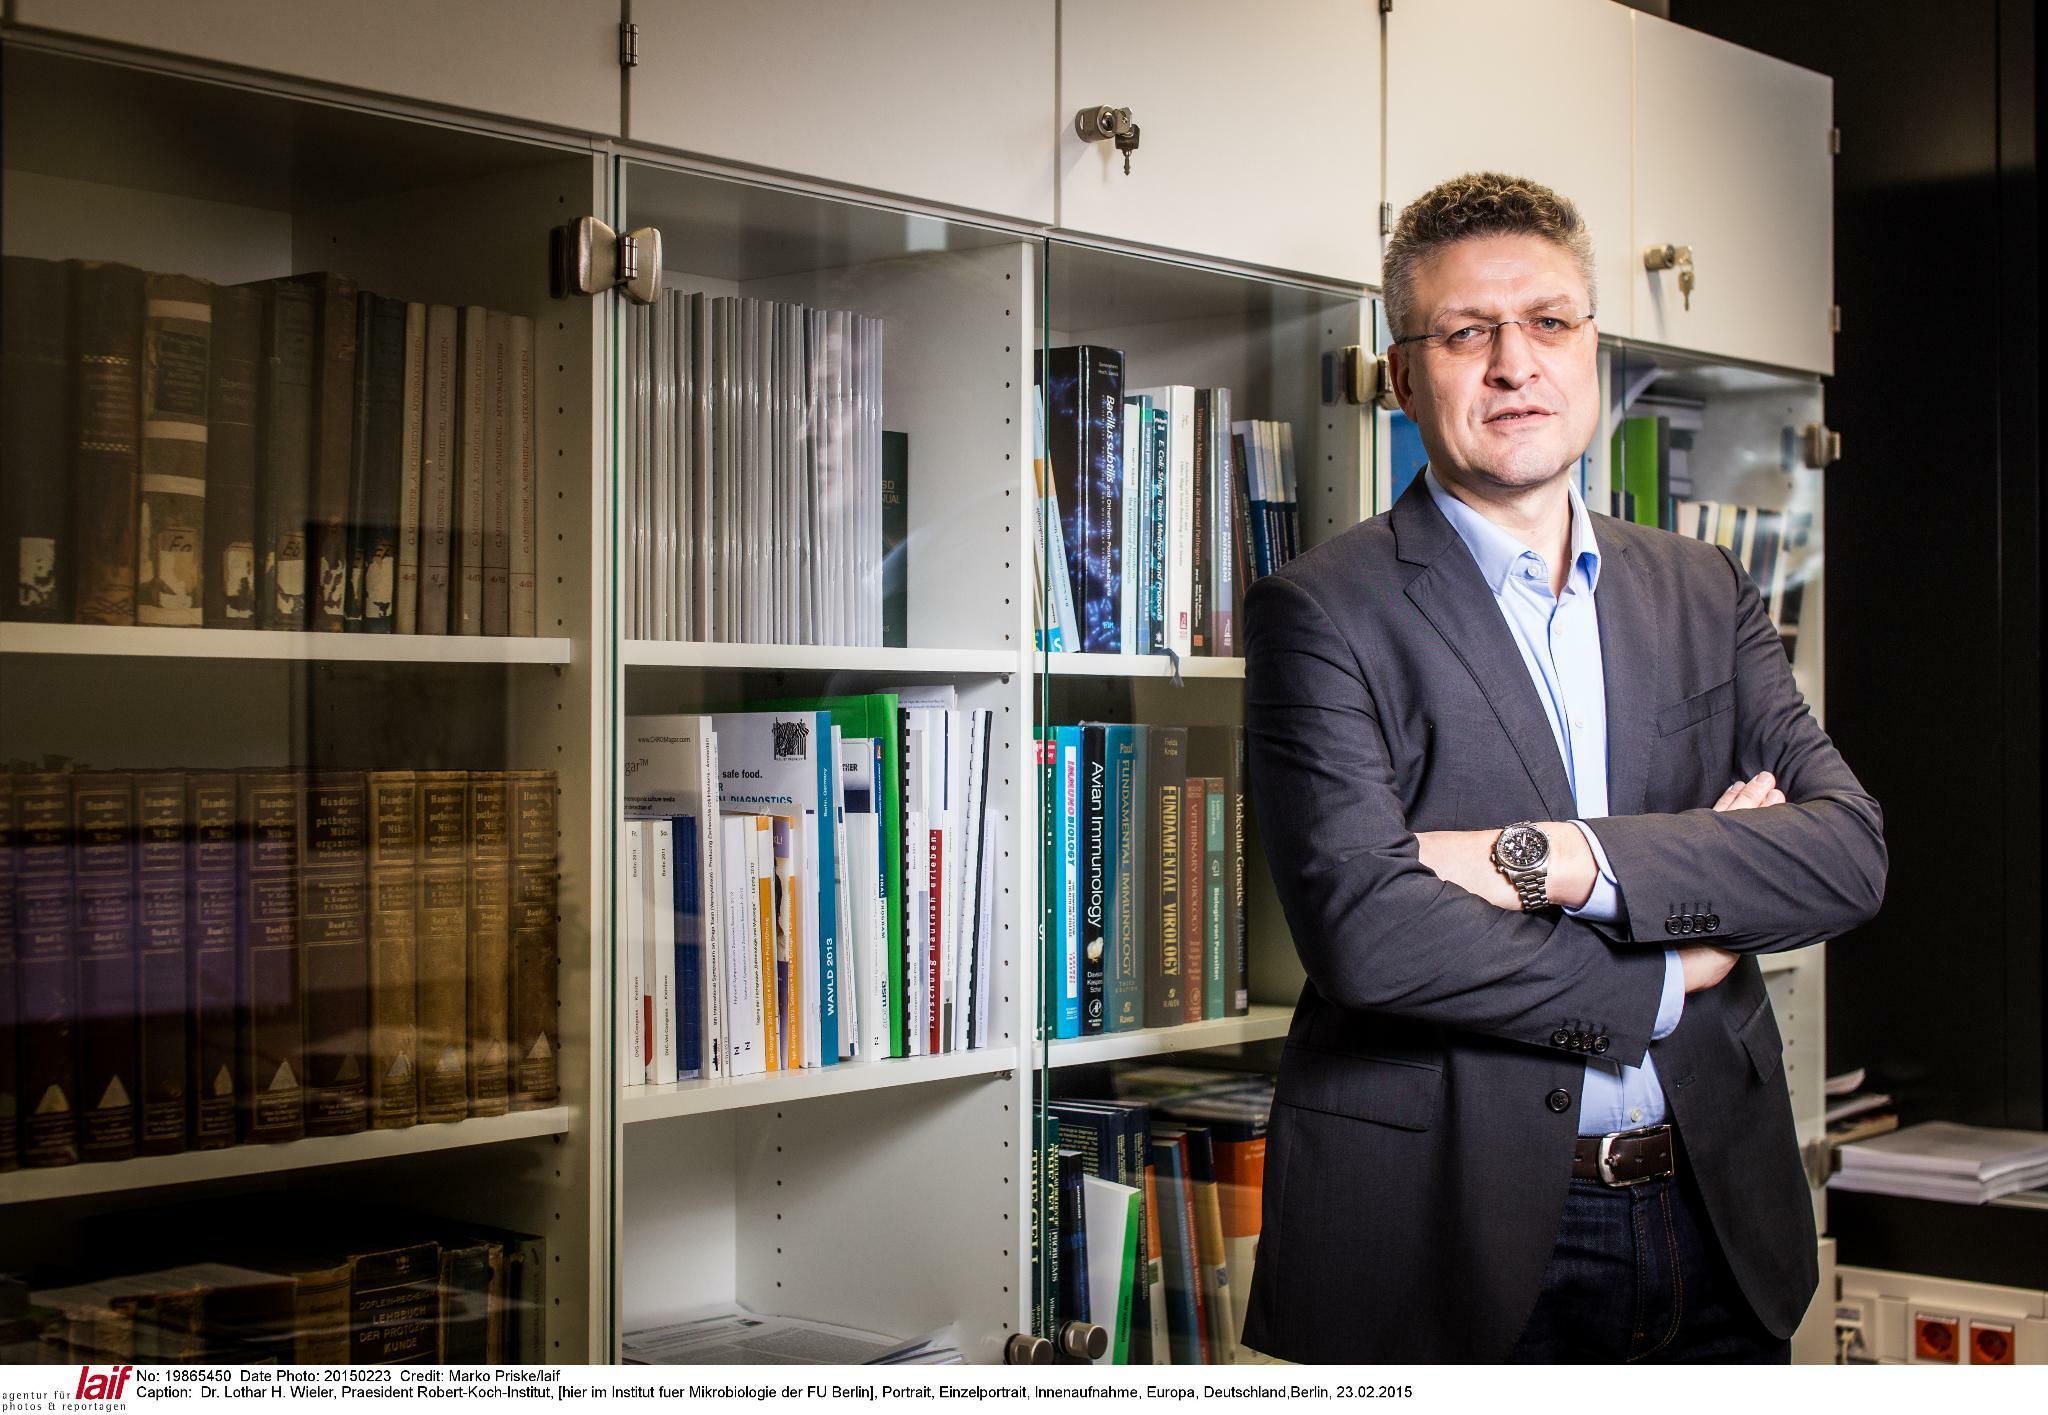 Lothar Wieler Das Ist Deutschlands Experte Fur Das Coronavirus